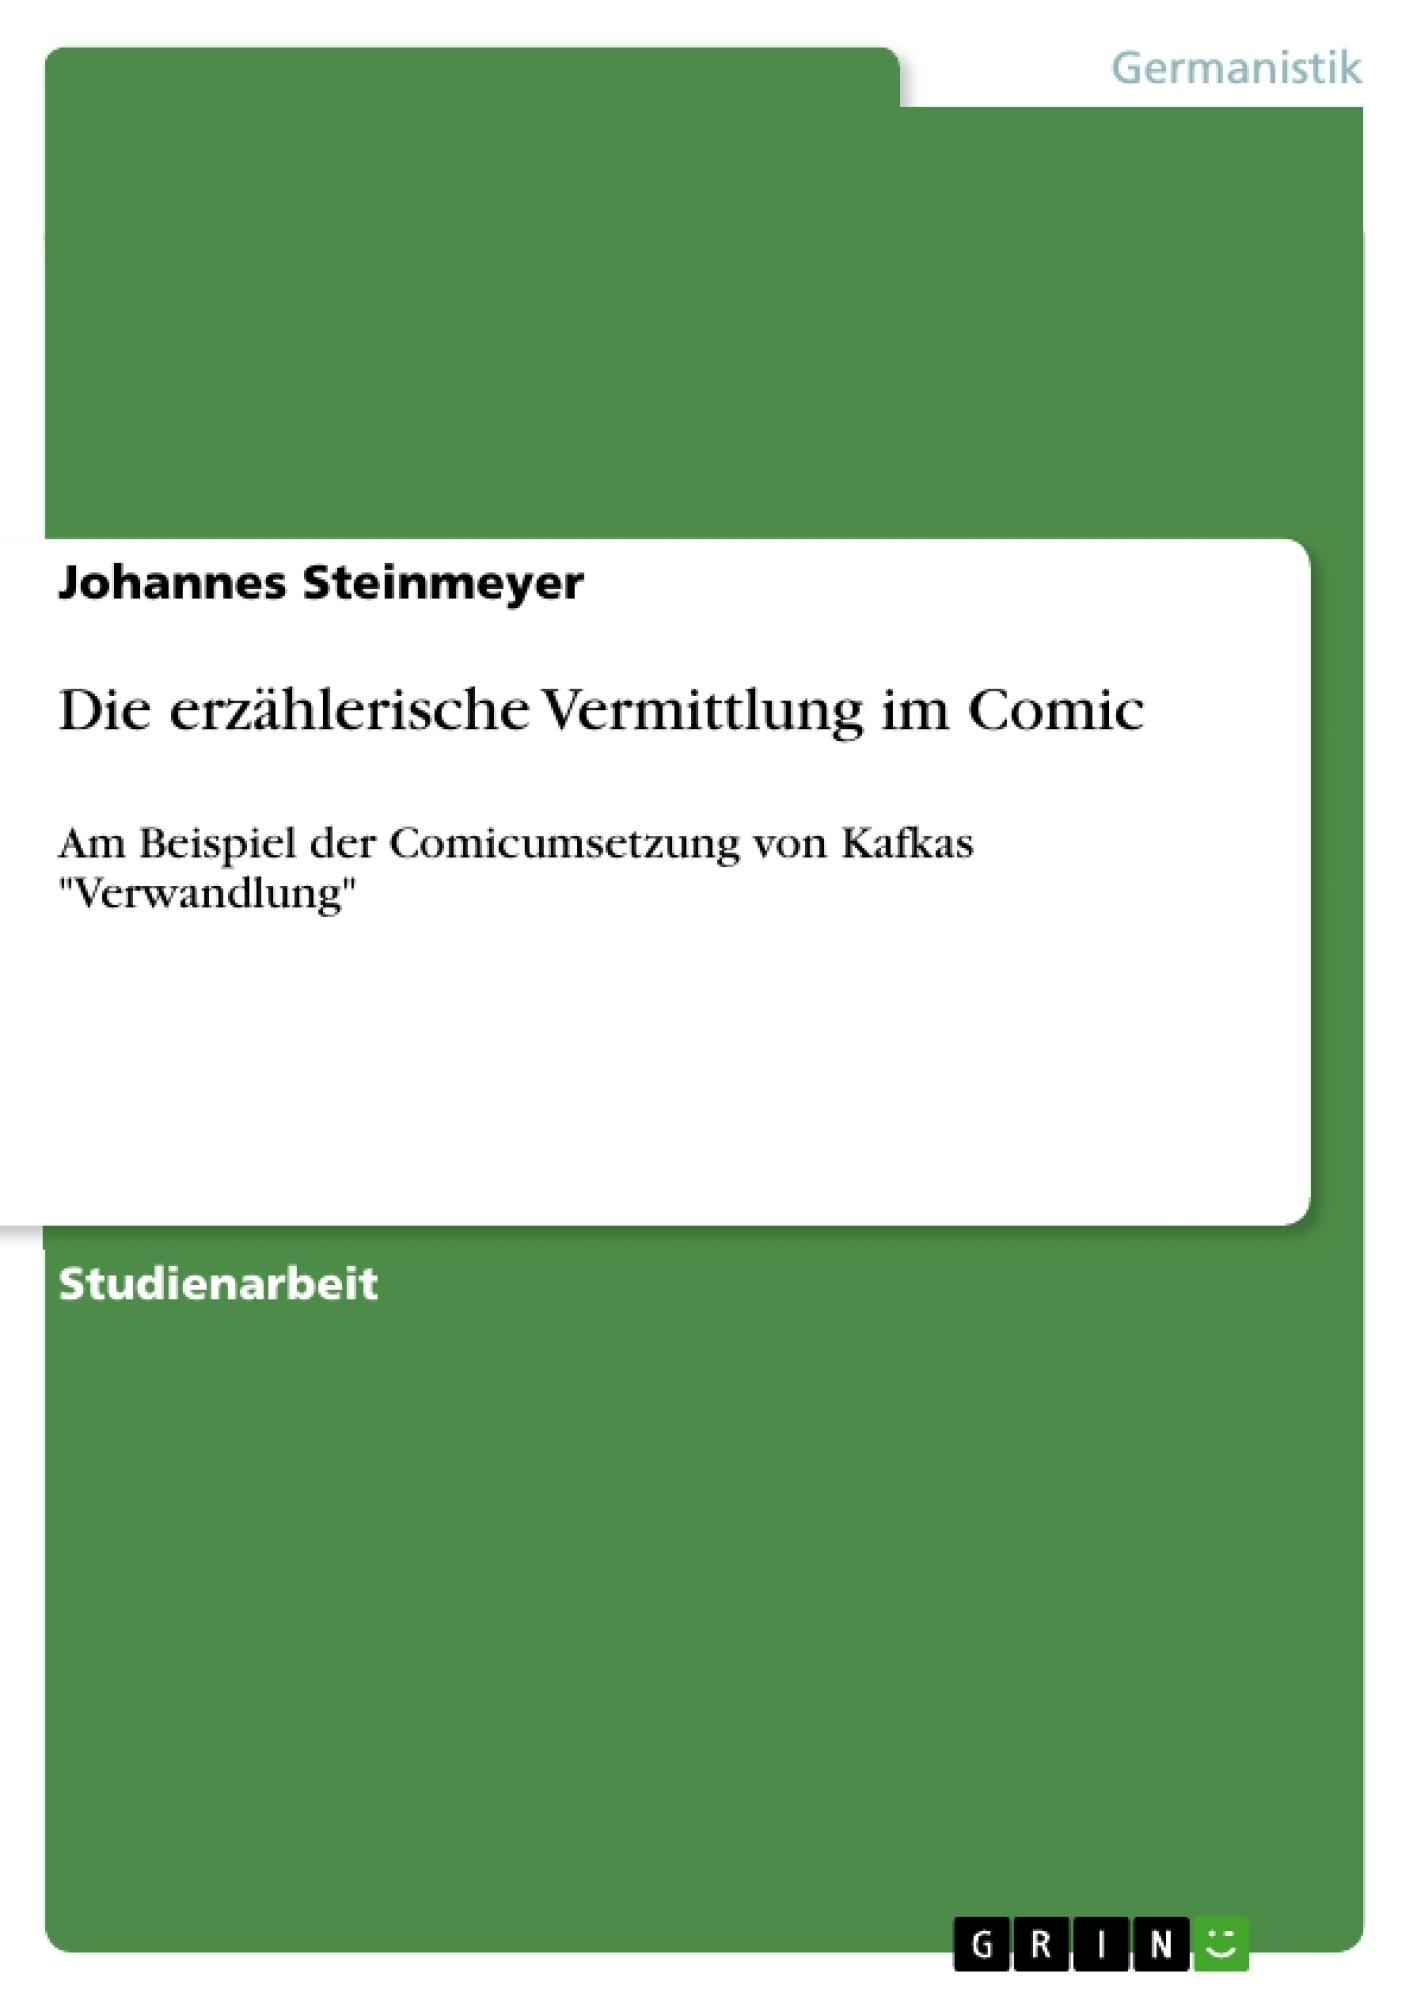 Titel: Die erzählerische Vermittlung im Comic